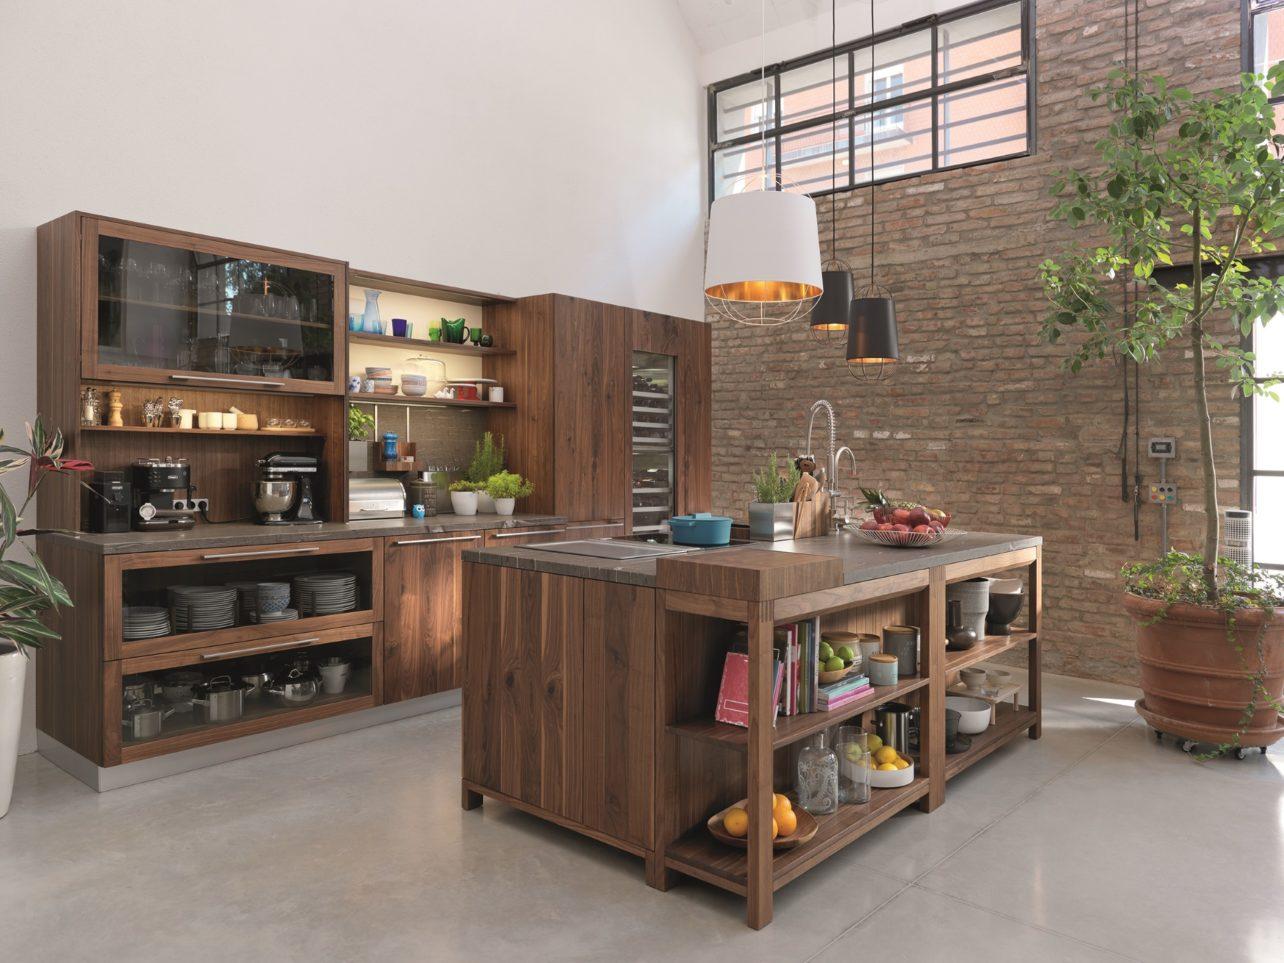 Küche Loft in Walnuss